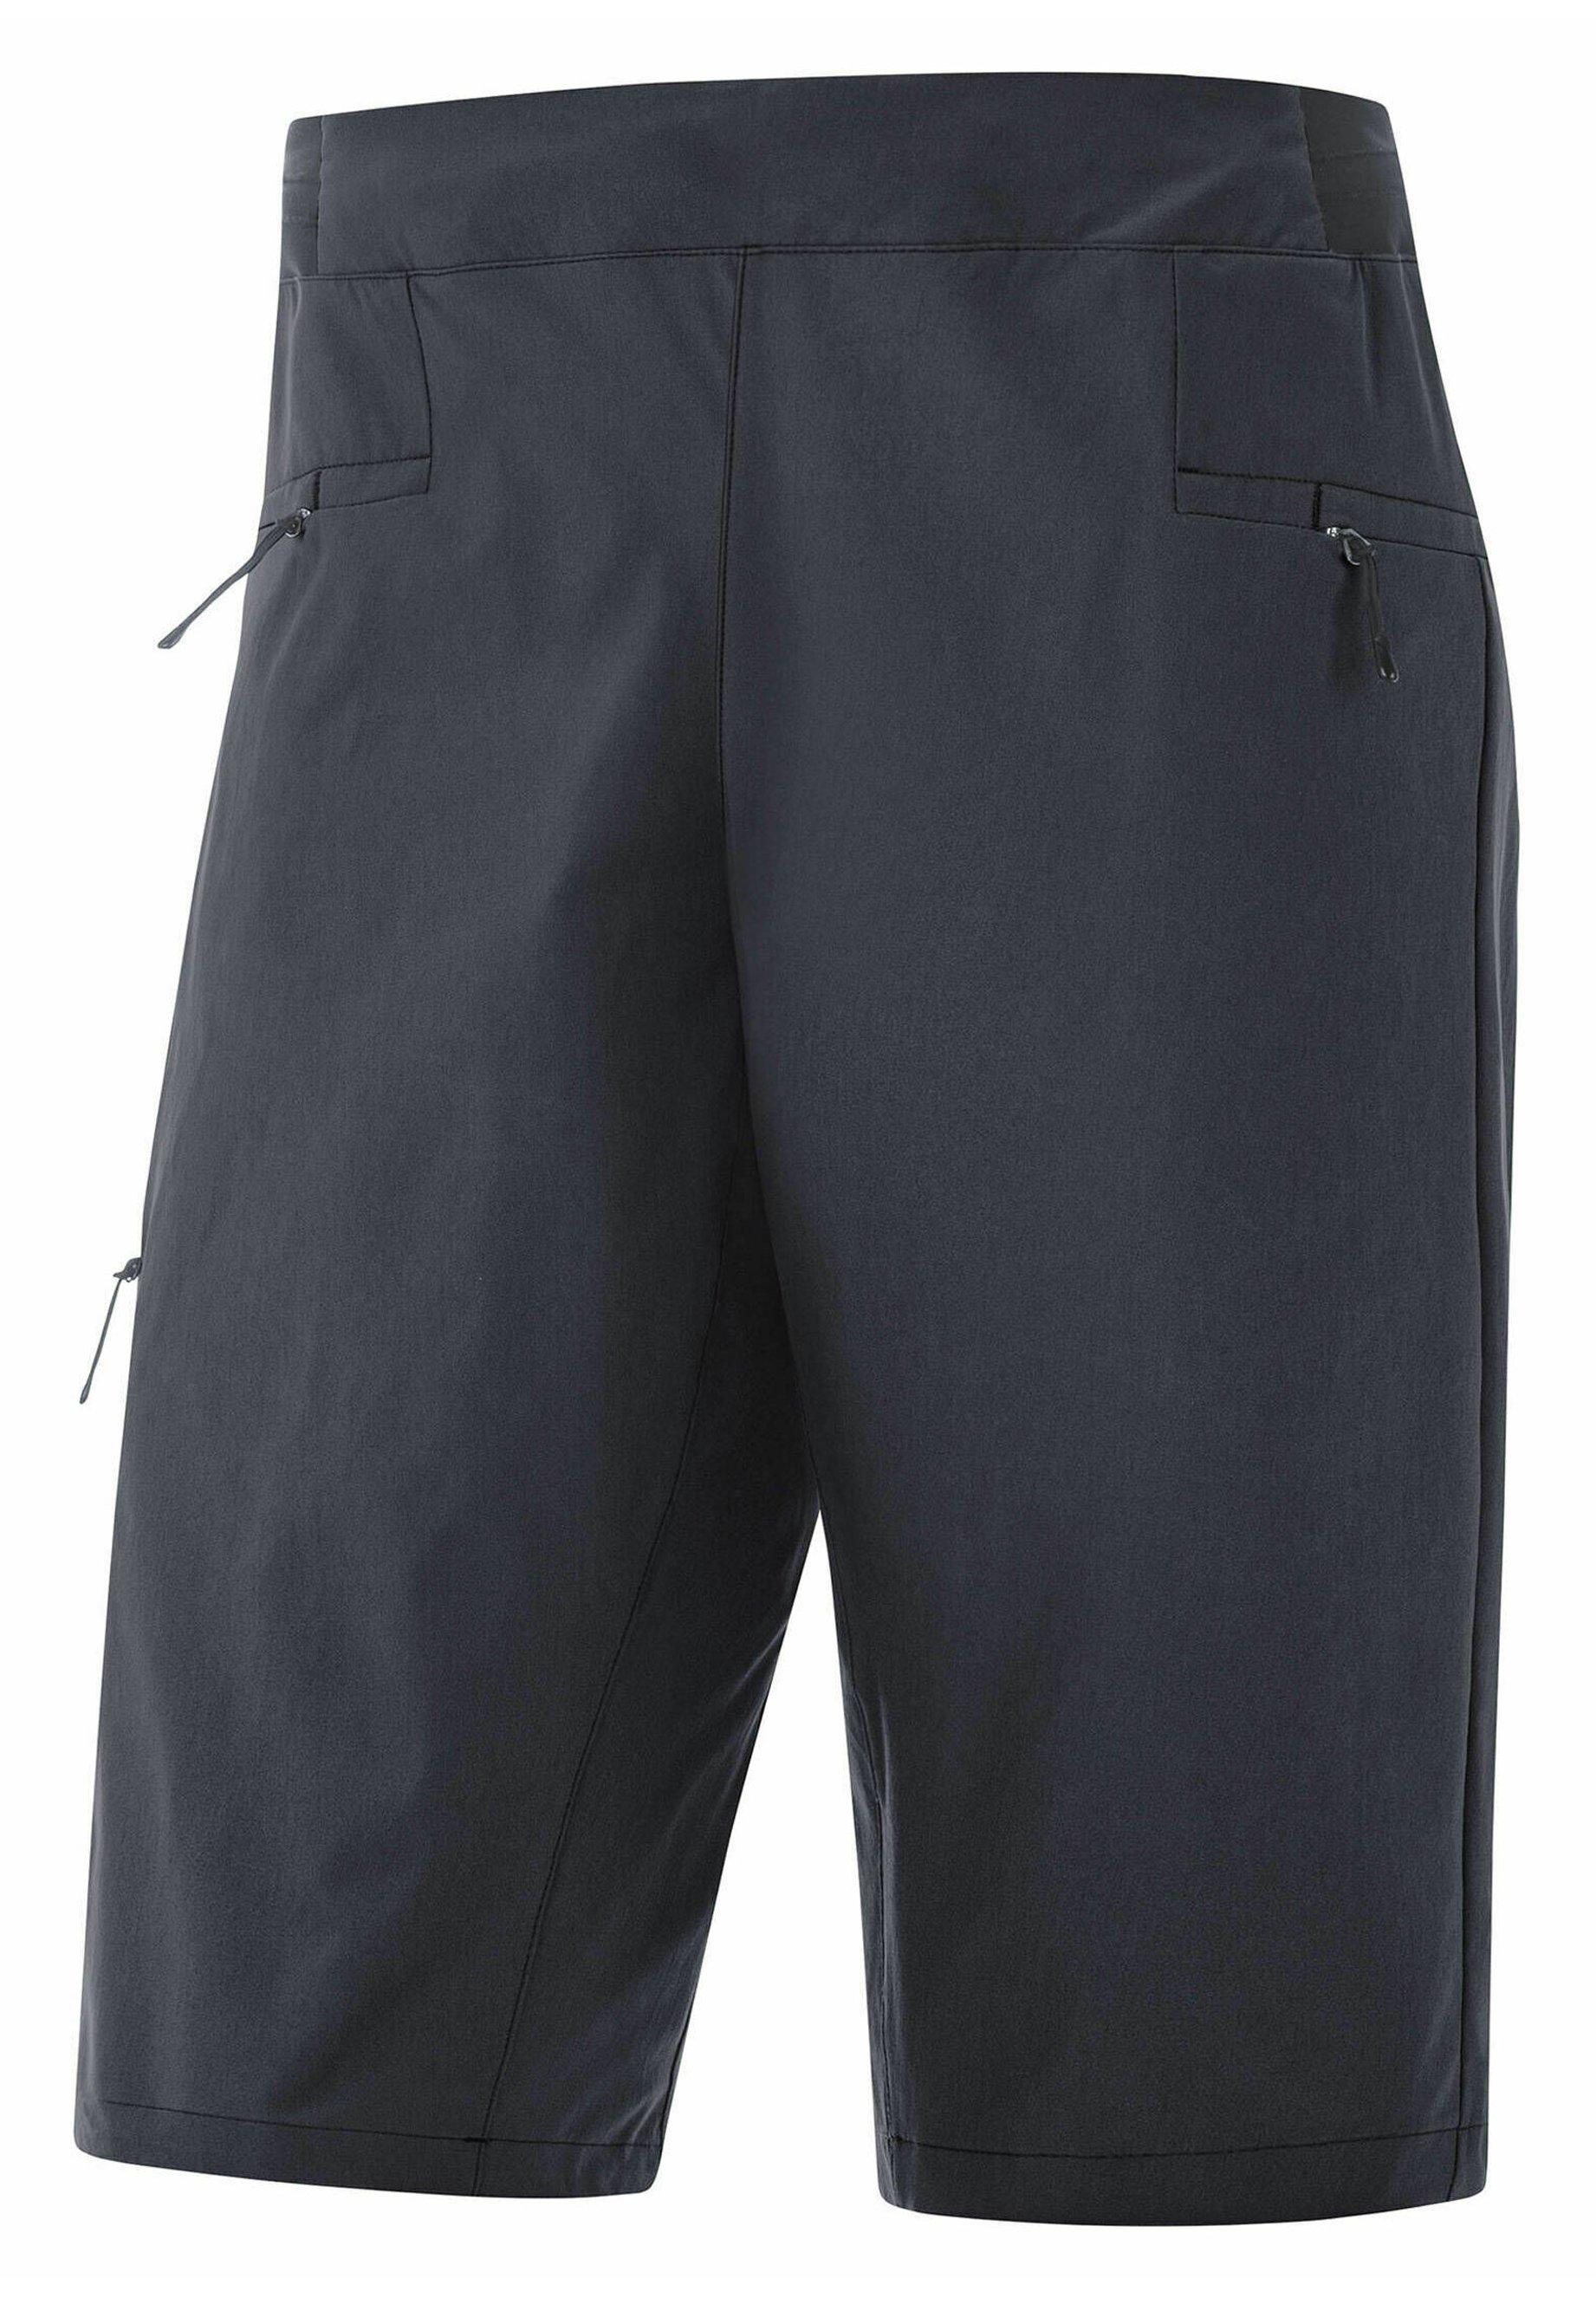 Damen EXPLORE - kurze Sporthose - schwarz